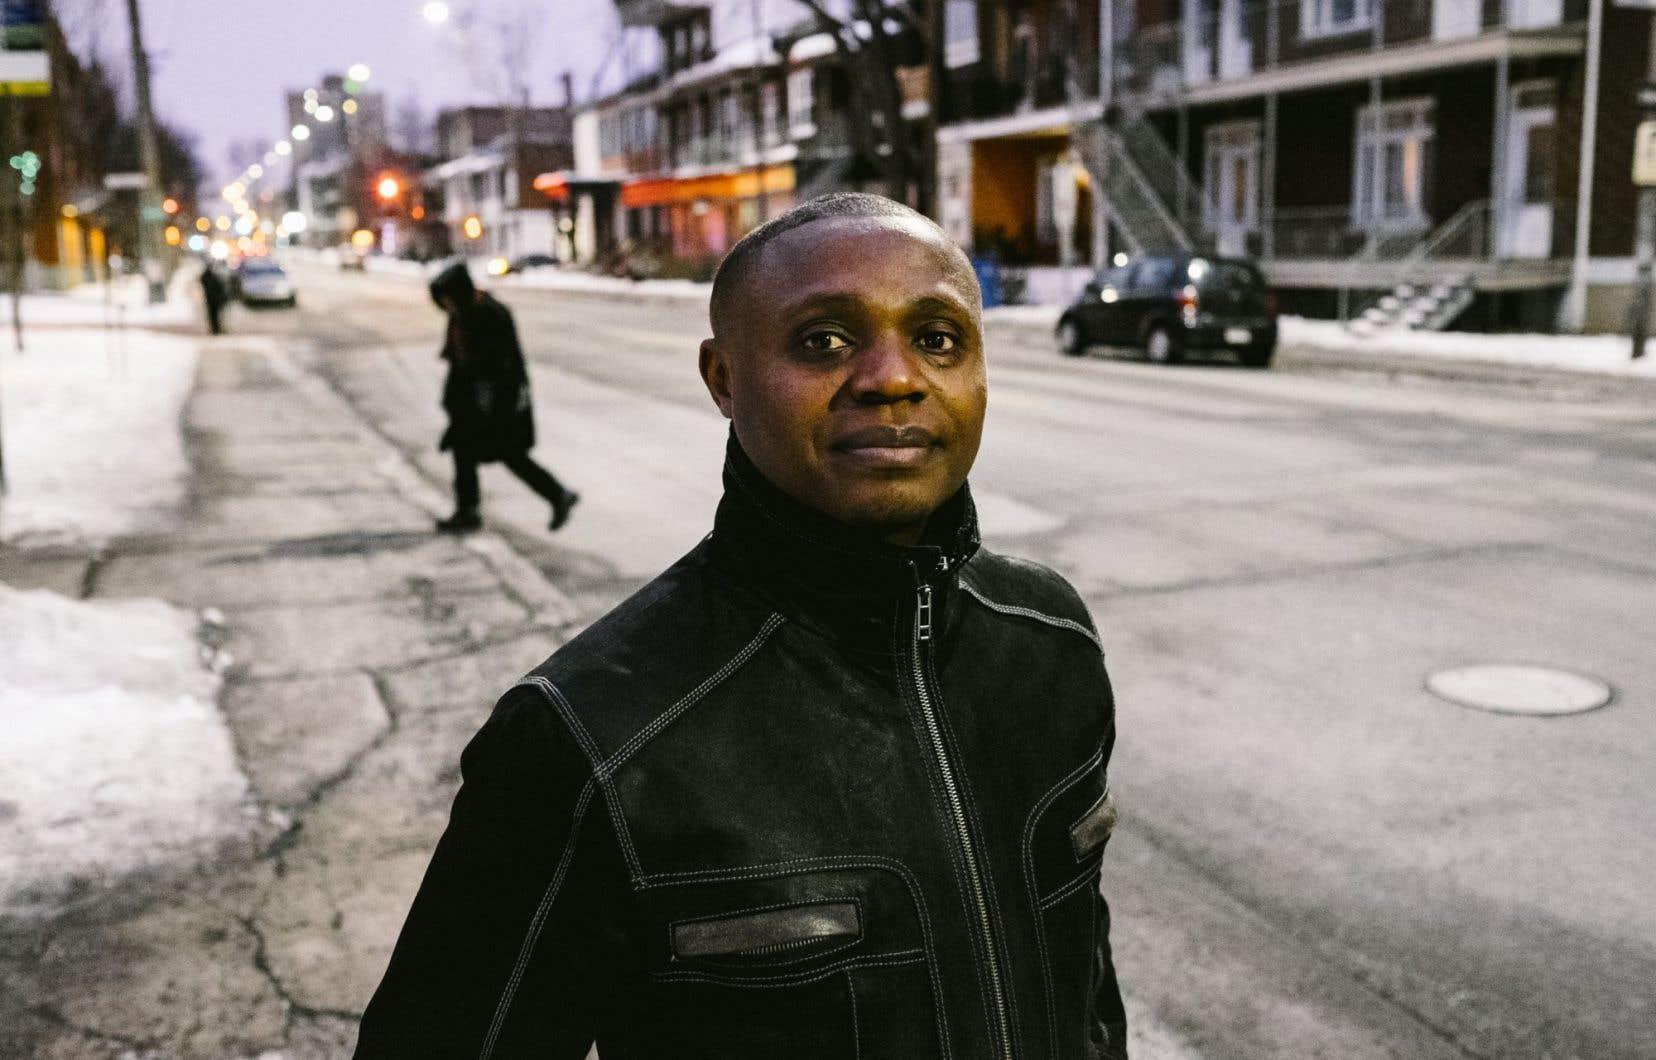 Eunnick Josué Kakudji, que ses proches appellent Kalala, photographié dans une rue de Québec dimanche. Il a fui la RDC avec son oncle à l'âge de 15 ans. Ses parents et l'un de ses frères ont été tués. Après 13 ans d'attente, un frère et une sœur le rejoindront enfin, mais un autre frère restera séparé d'eux.